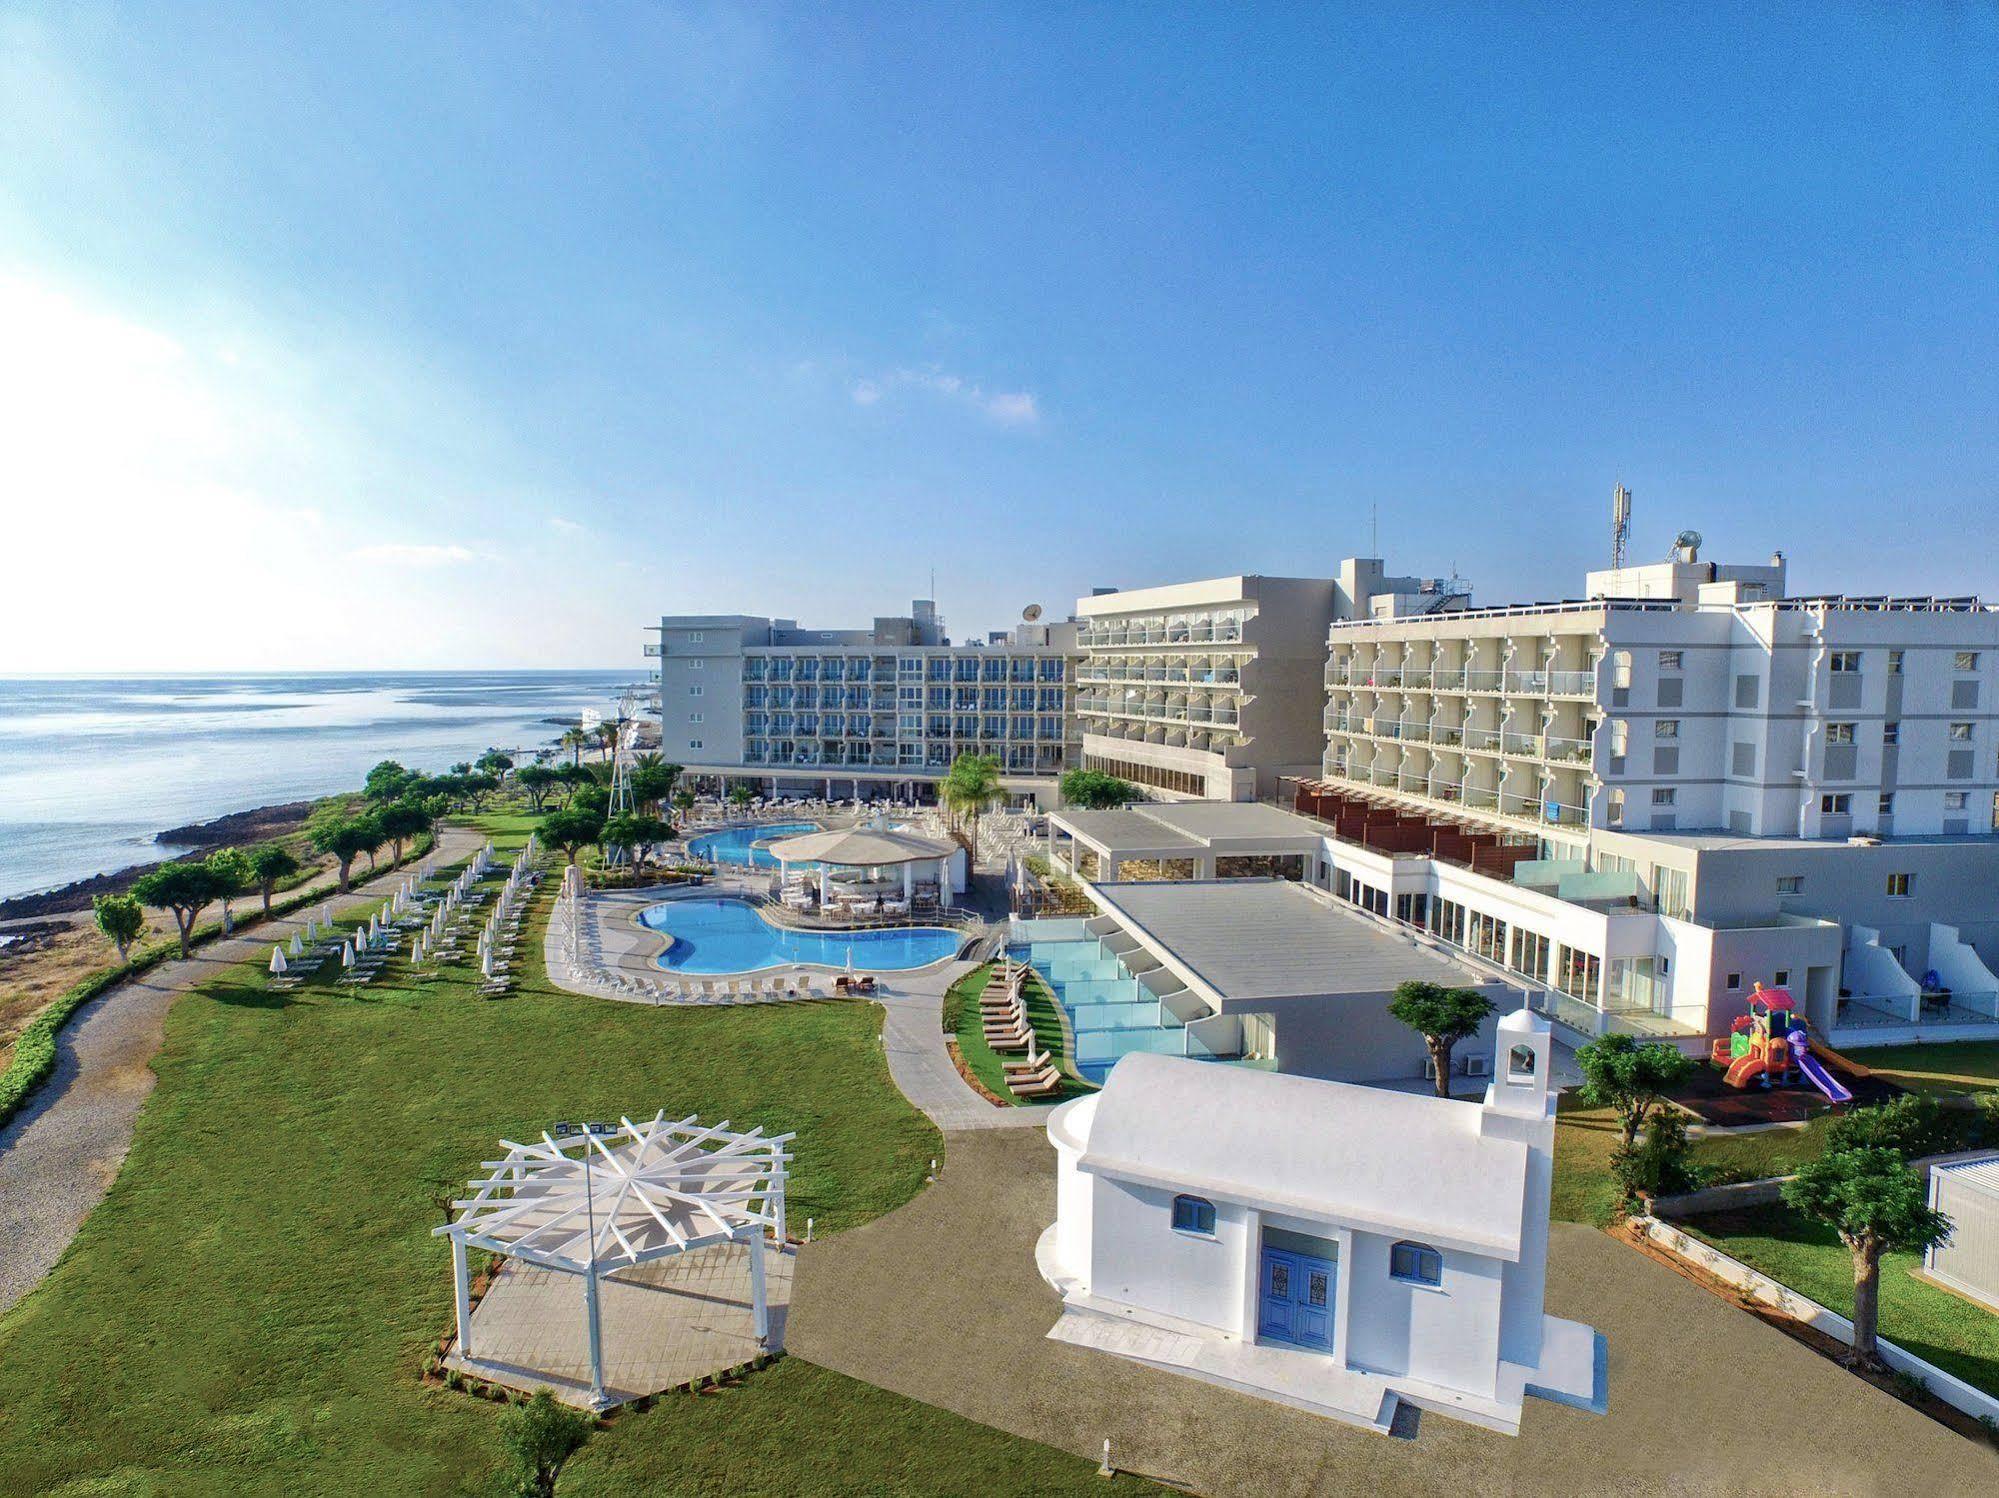 CYPR - LATO 2020: Pernera Beach Hotel***, 8 dni (26.06-03.07.2020 r.), all inclusive: 3398,00 PLN/os. dorosła